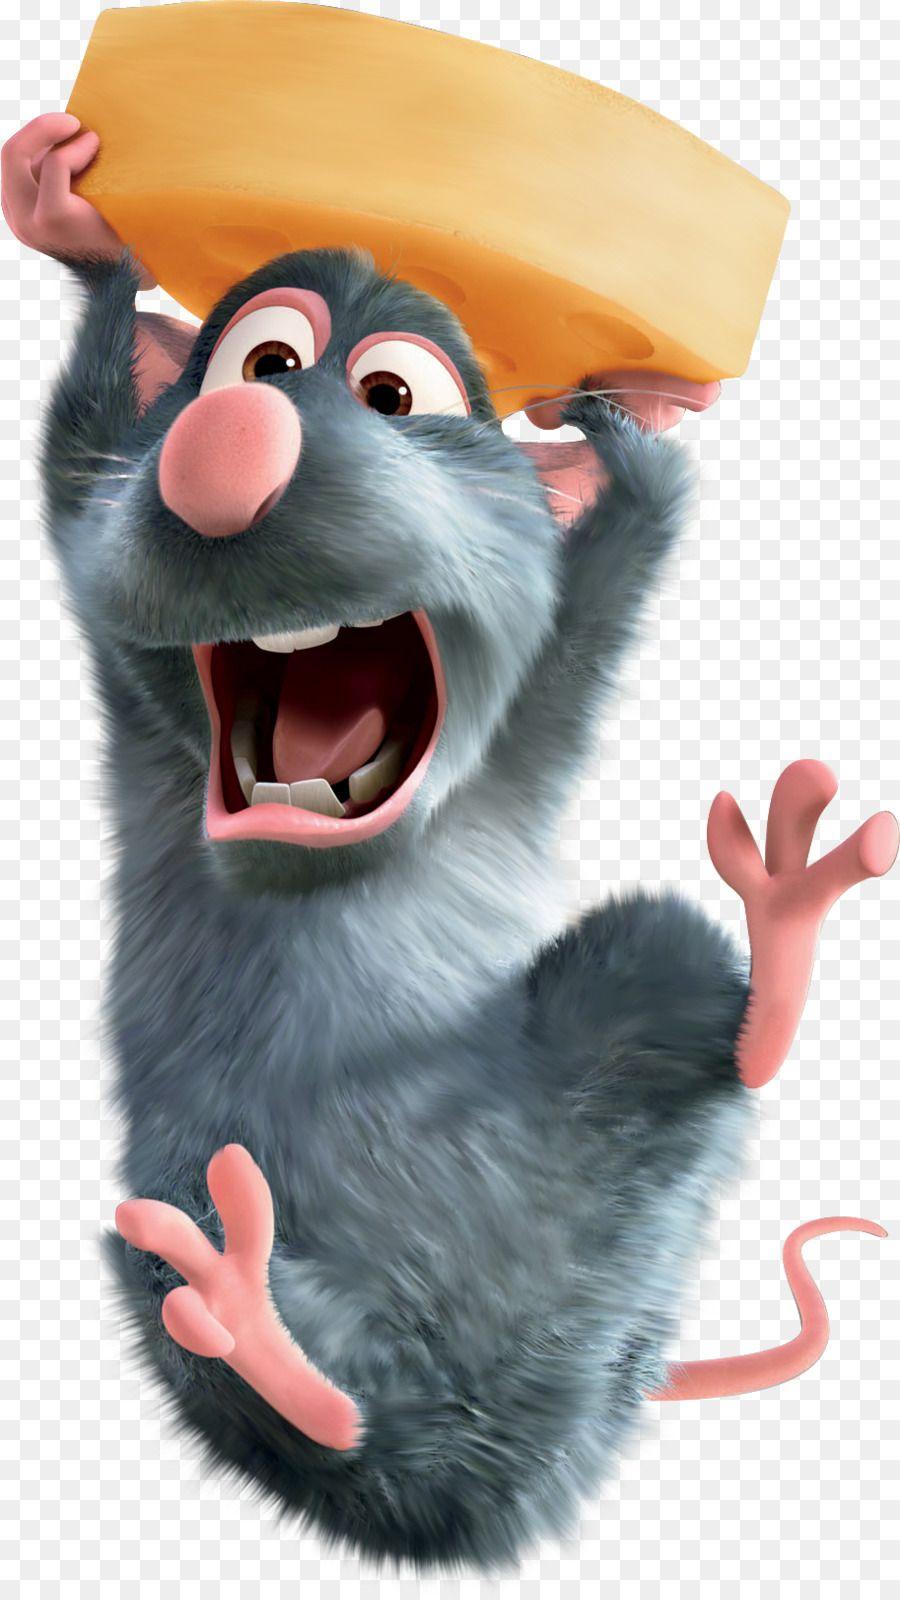 Ratatouille Film Animation Pixar Wallpaper Rat Cute Cartoon Wallpapers Cute Disney Wallpaper Ratatouille Film